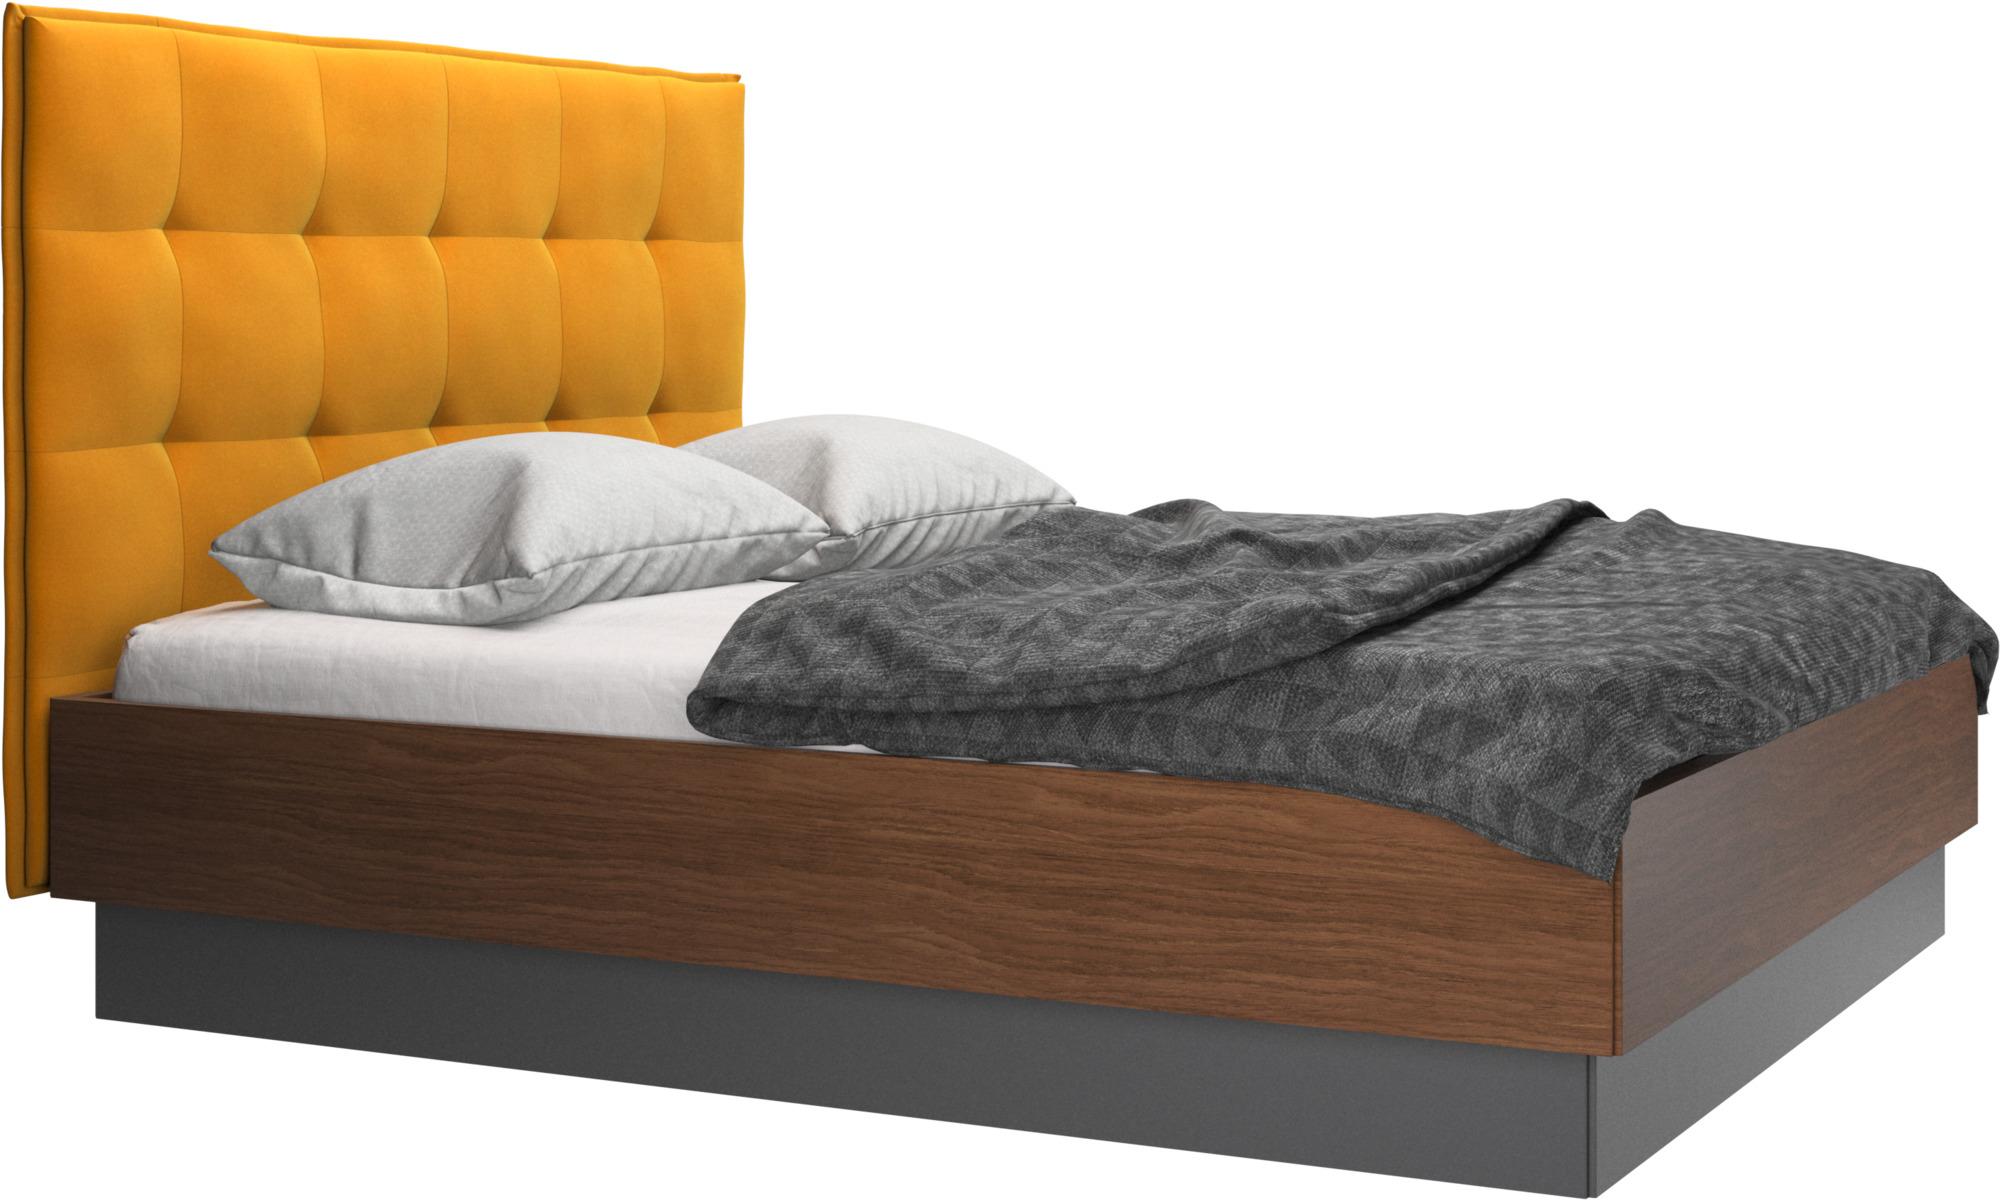 Camas - Cama con canapé Lugano, estructura elevable y tablado, no incluye colchón - Naranja - Tela